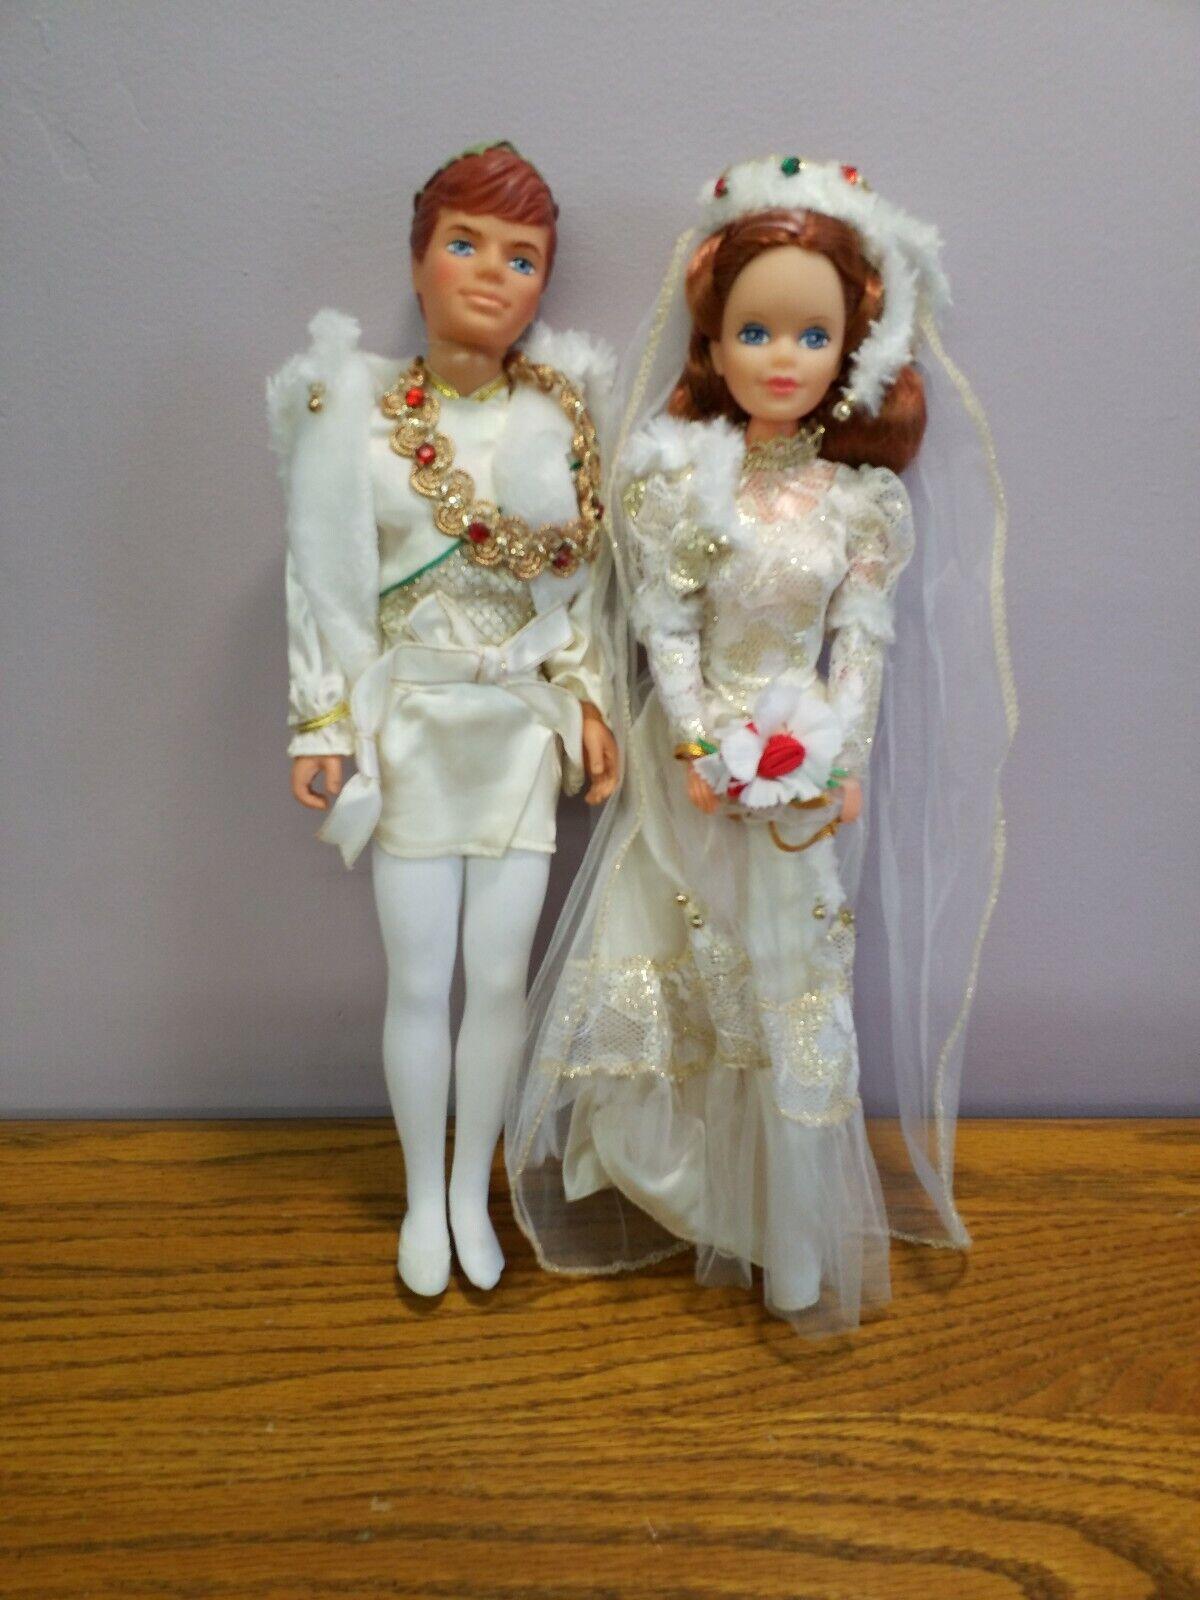 Raro Difícil De Encontrar Vintage Muñeca CREATA 1980s boda príncipe y princesa 12